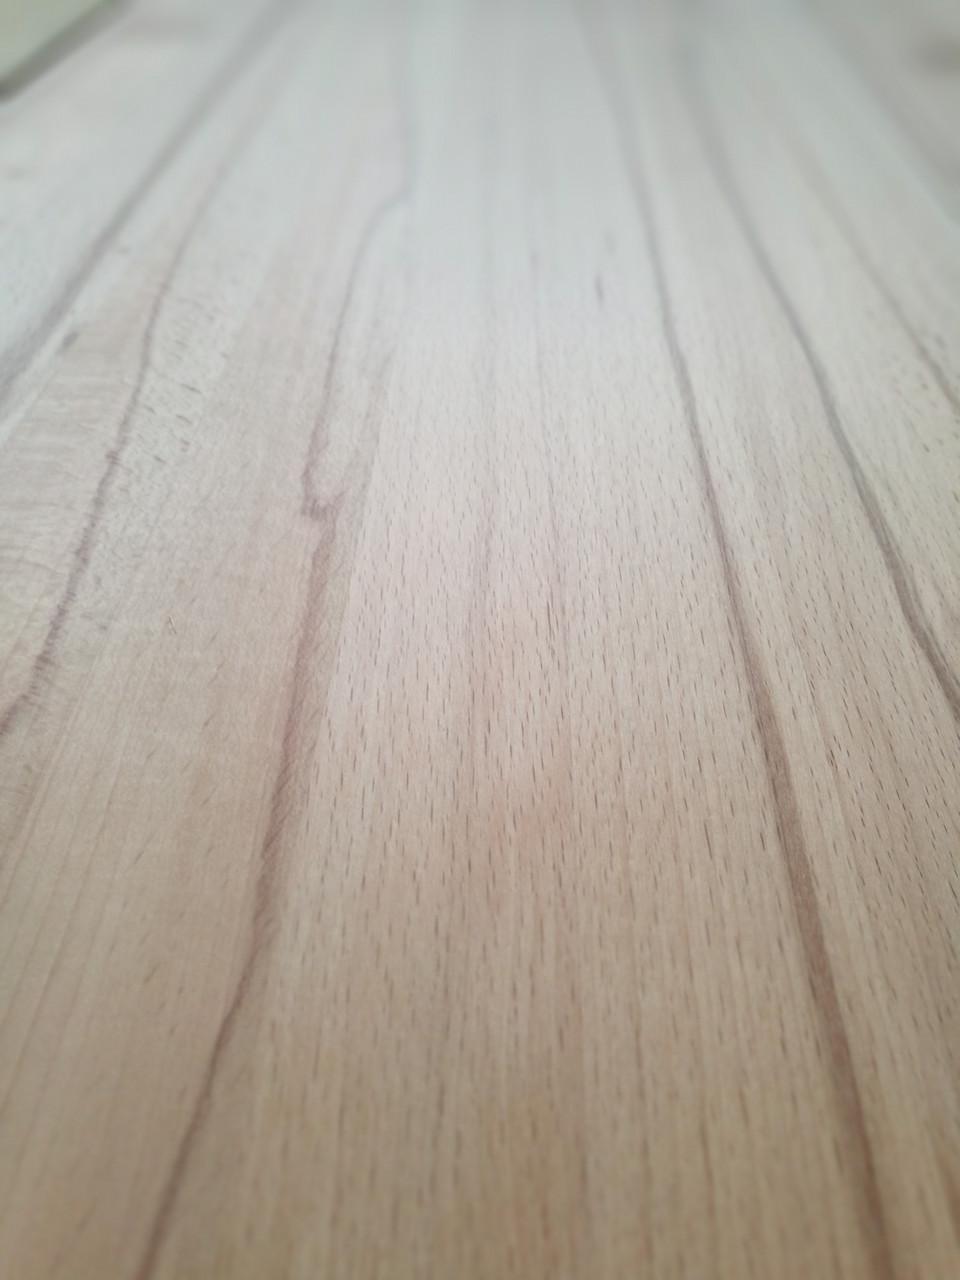 Мебельный щит Бук (цельноламельный) Толщиной 40 мм.